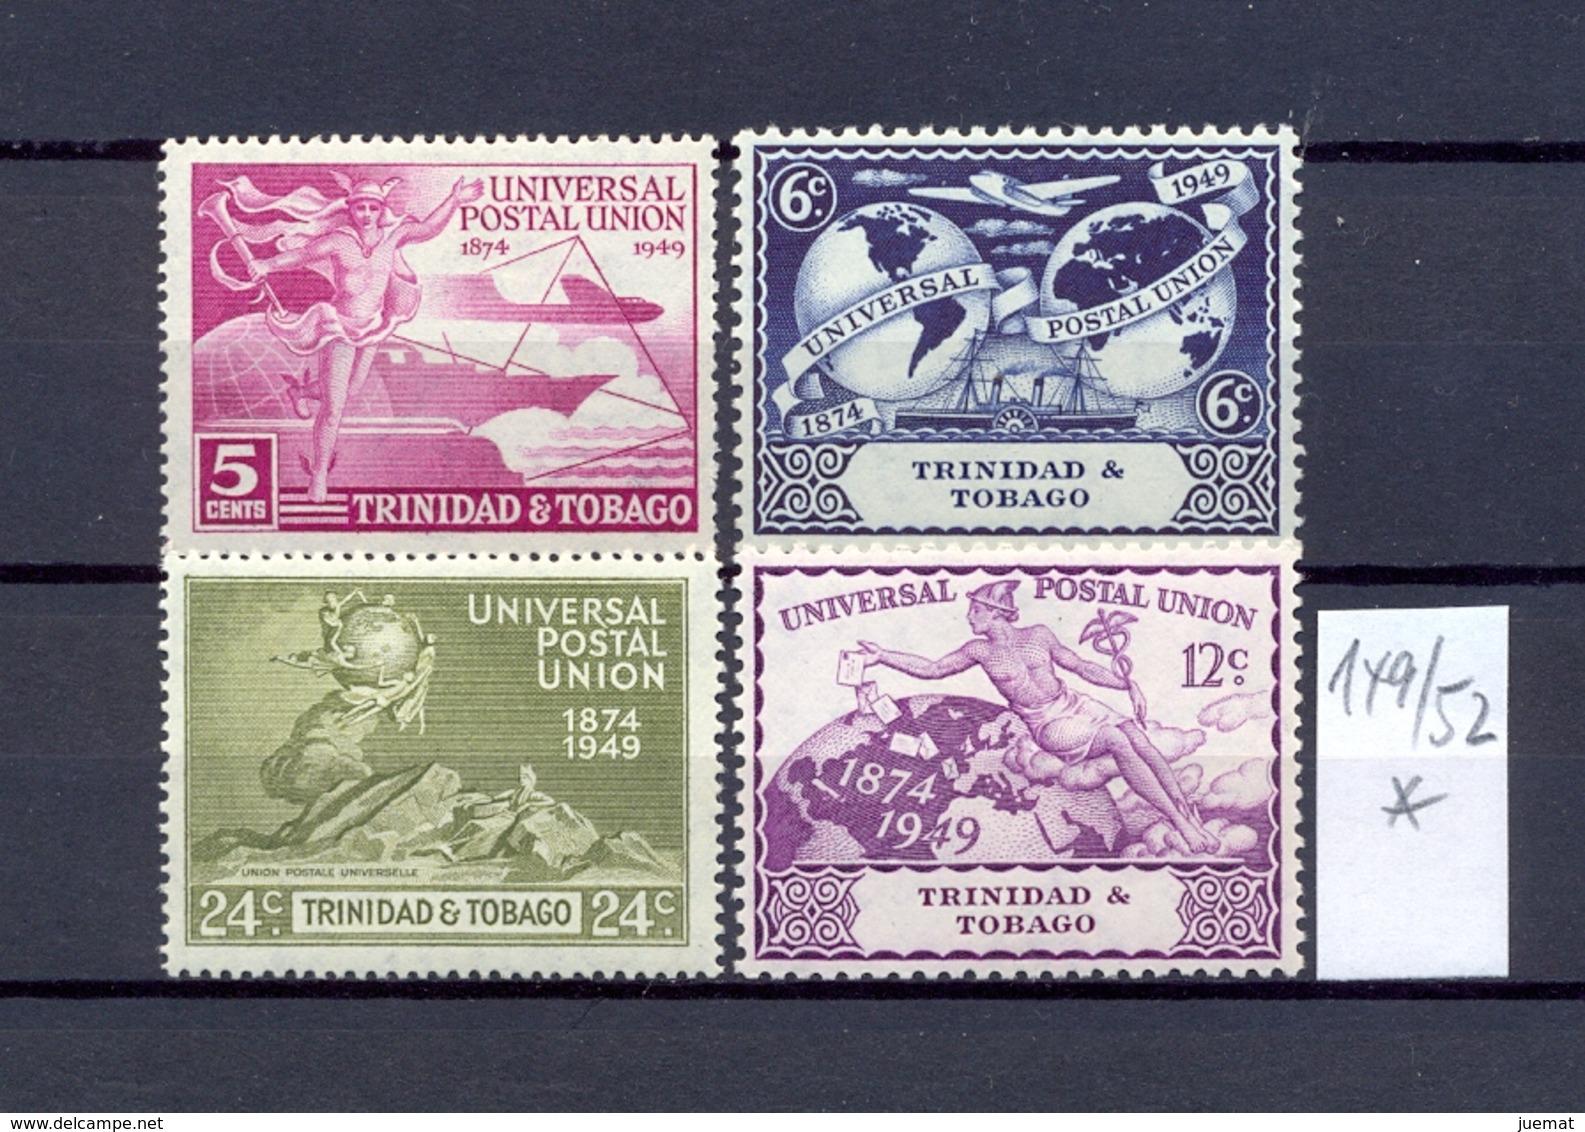 TRINIDAD & TOBAGO - 149/52  UPU 1949  Kmpl.m.Falz - Trinidad & Tobago (...-1961)